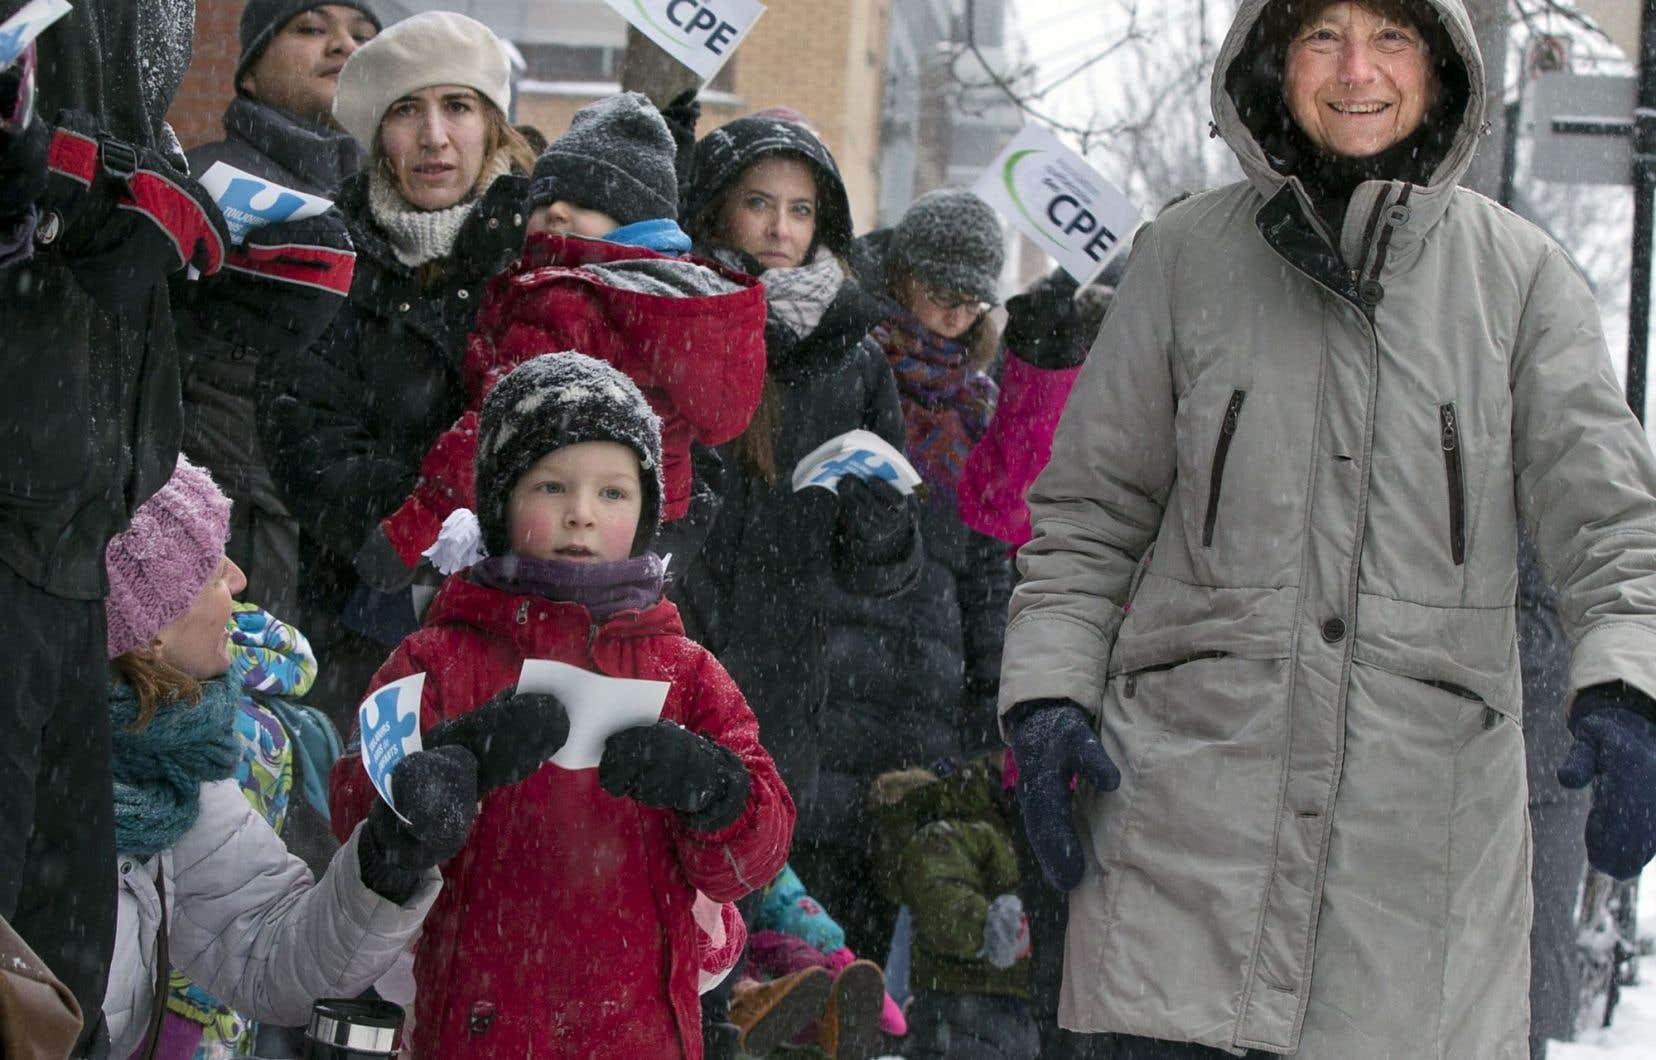 La députée et porte-parole parlementaire de Québec solidaire Françoise David a participé à la chaîne humaine qui a ceinturé le CPE Saint-Édouard, dans le quartier La Petite-Patrie.